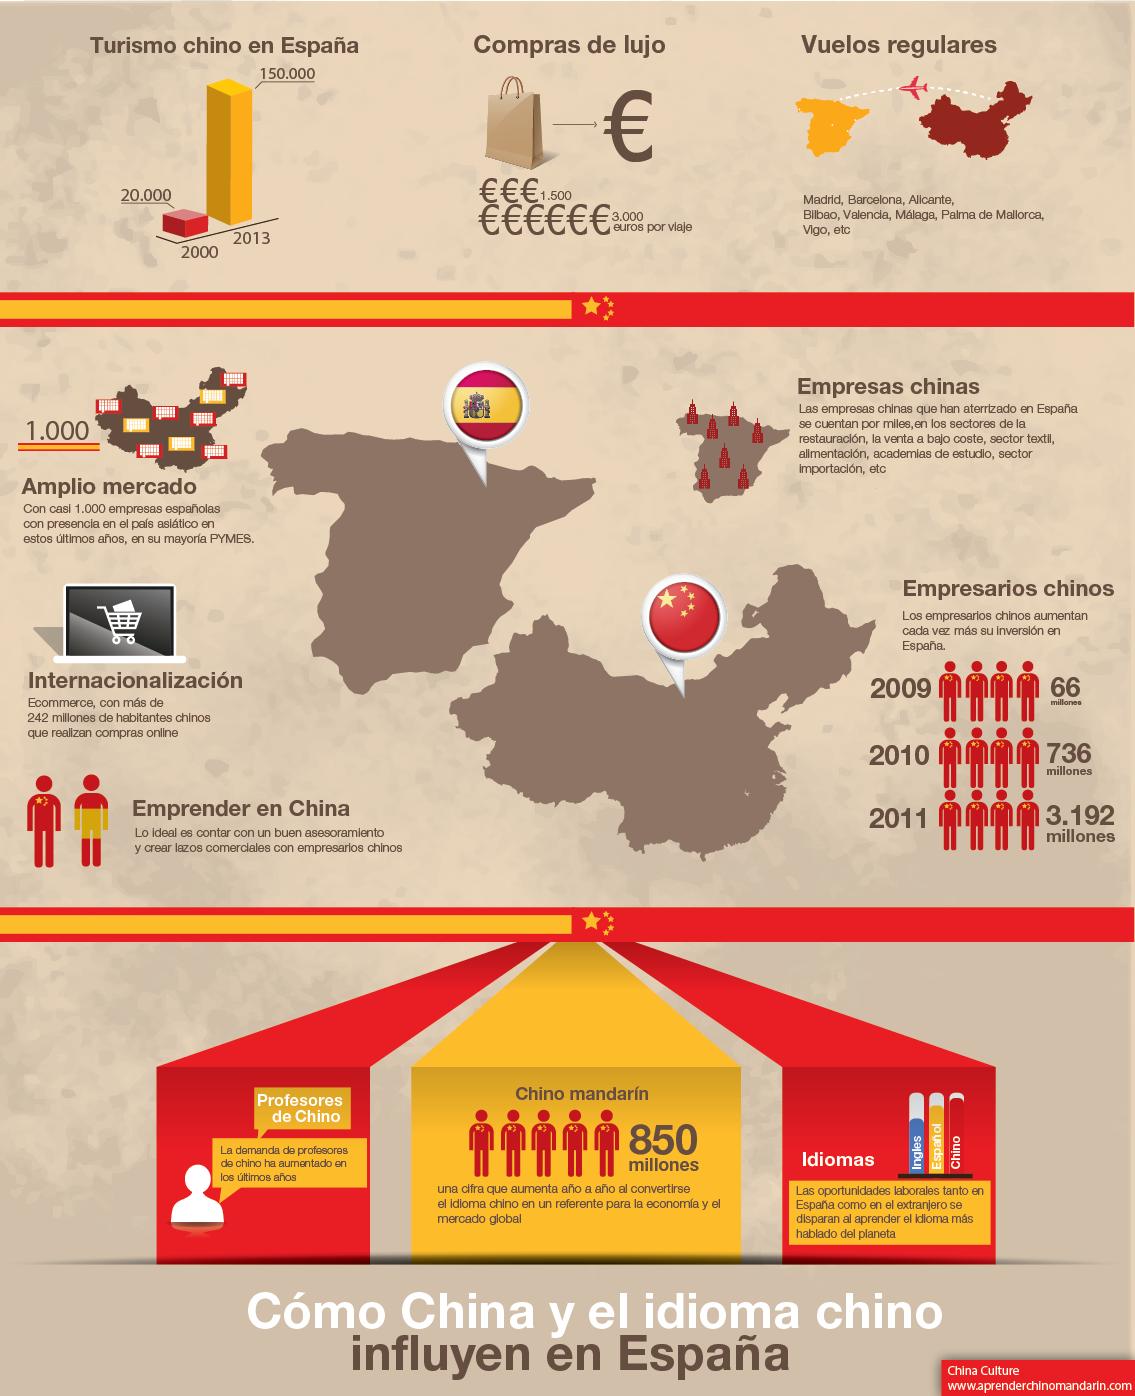 Cada vez son más las pymes con presencia en China, y en una medida mucho mayor y en constante crecimiento, las pequeñas y medianas empresas chinas afincadas en España